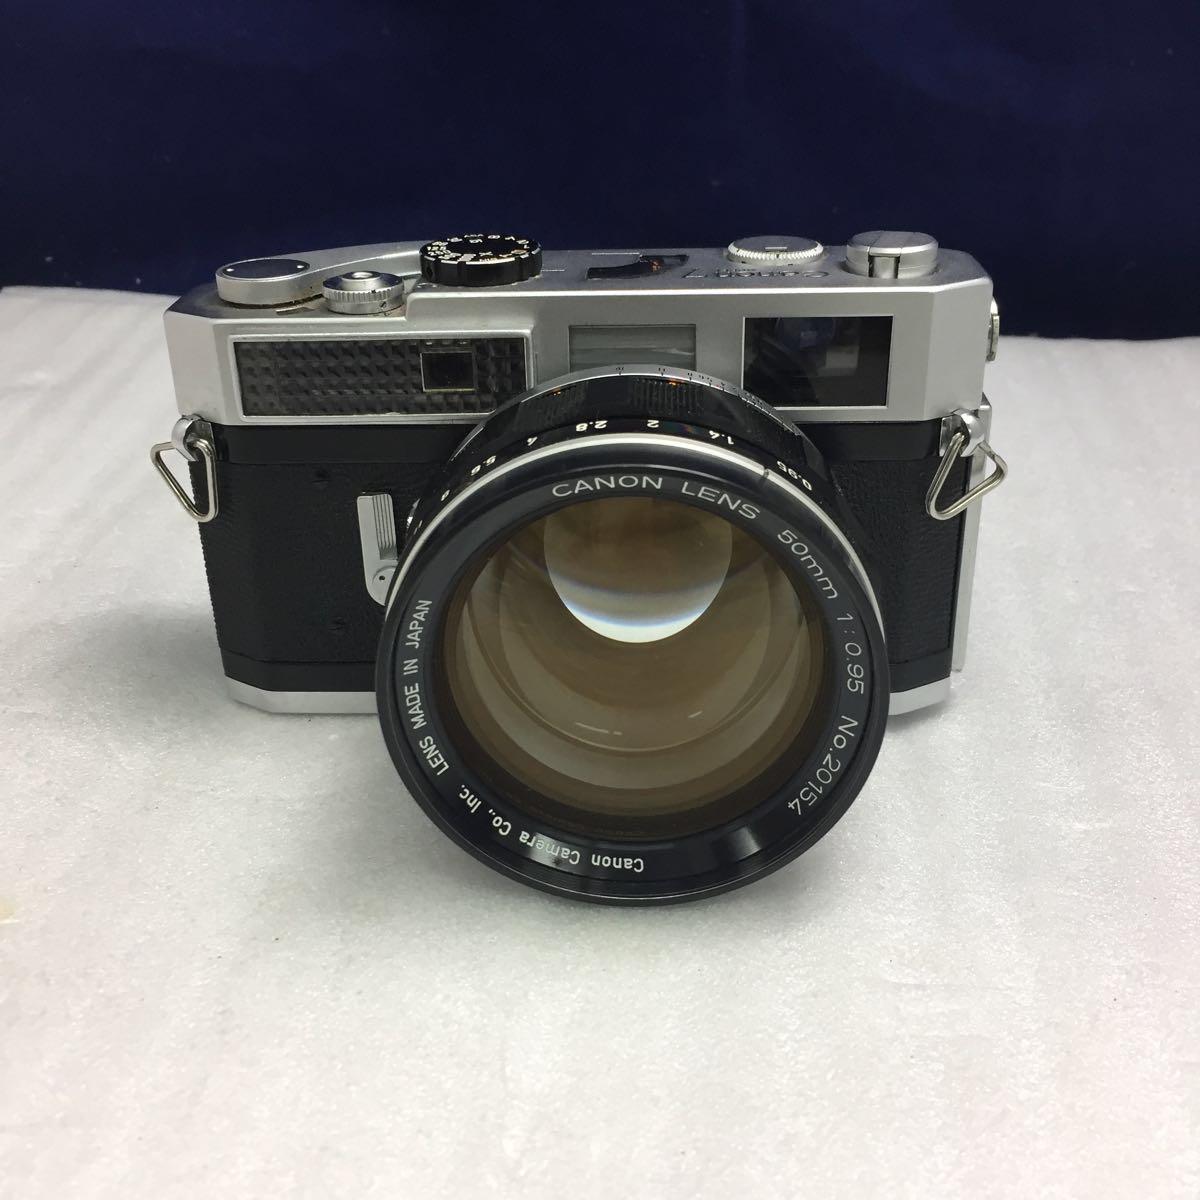 Canon レンジファインダーカメラ Canon 7 レンズ 50mm F0.95 btbt-t_画像2